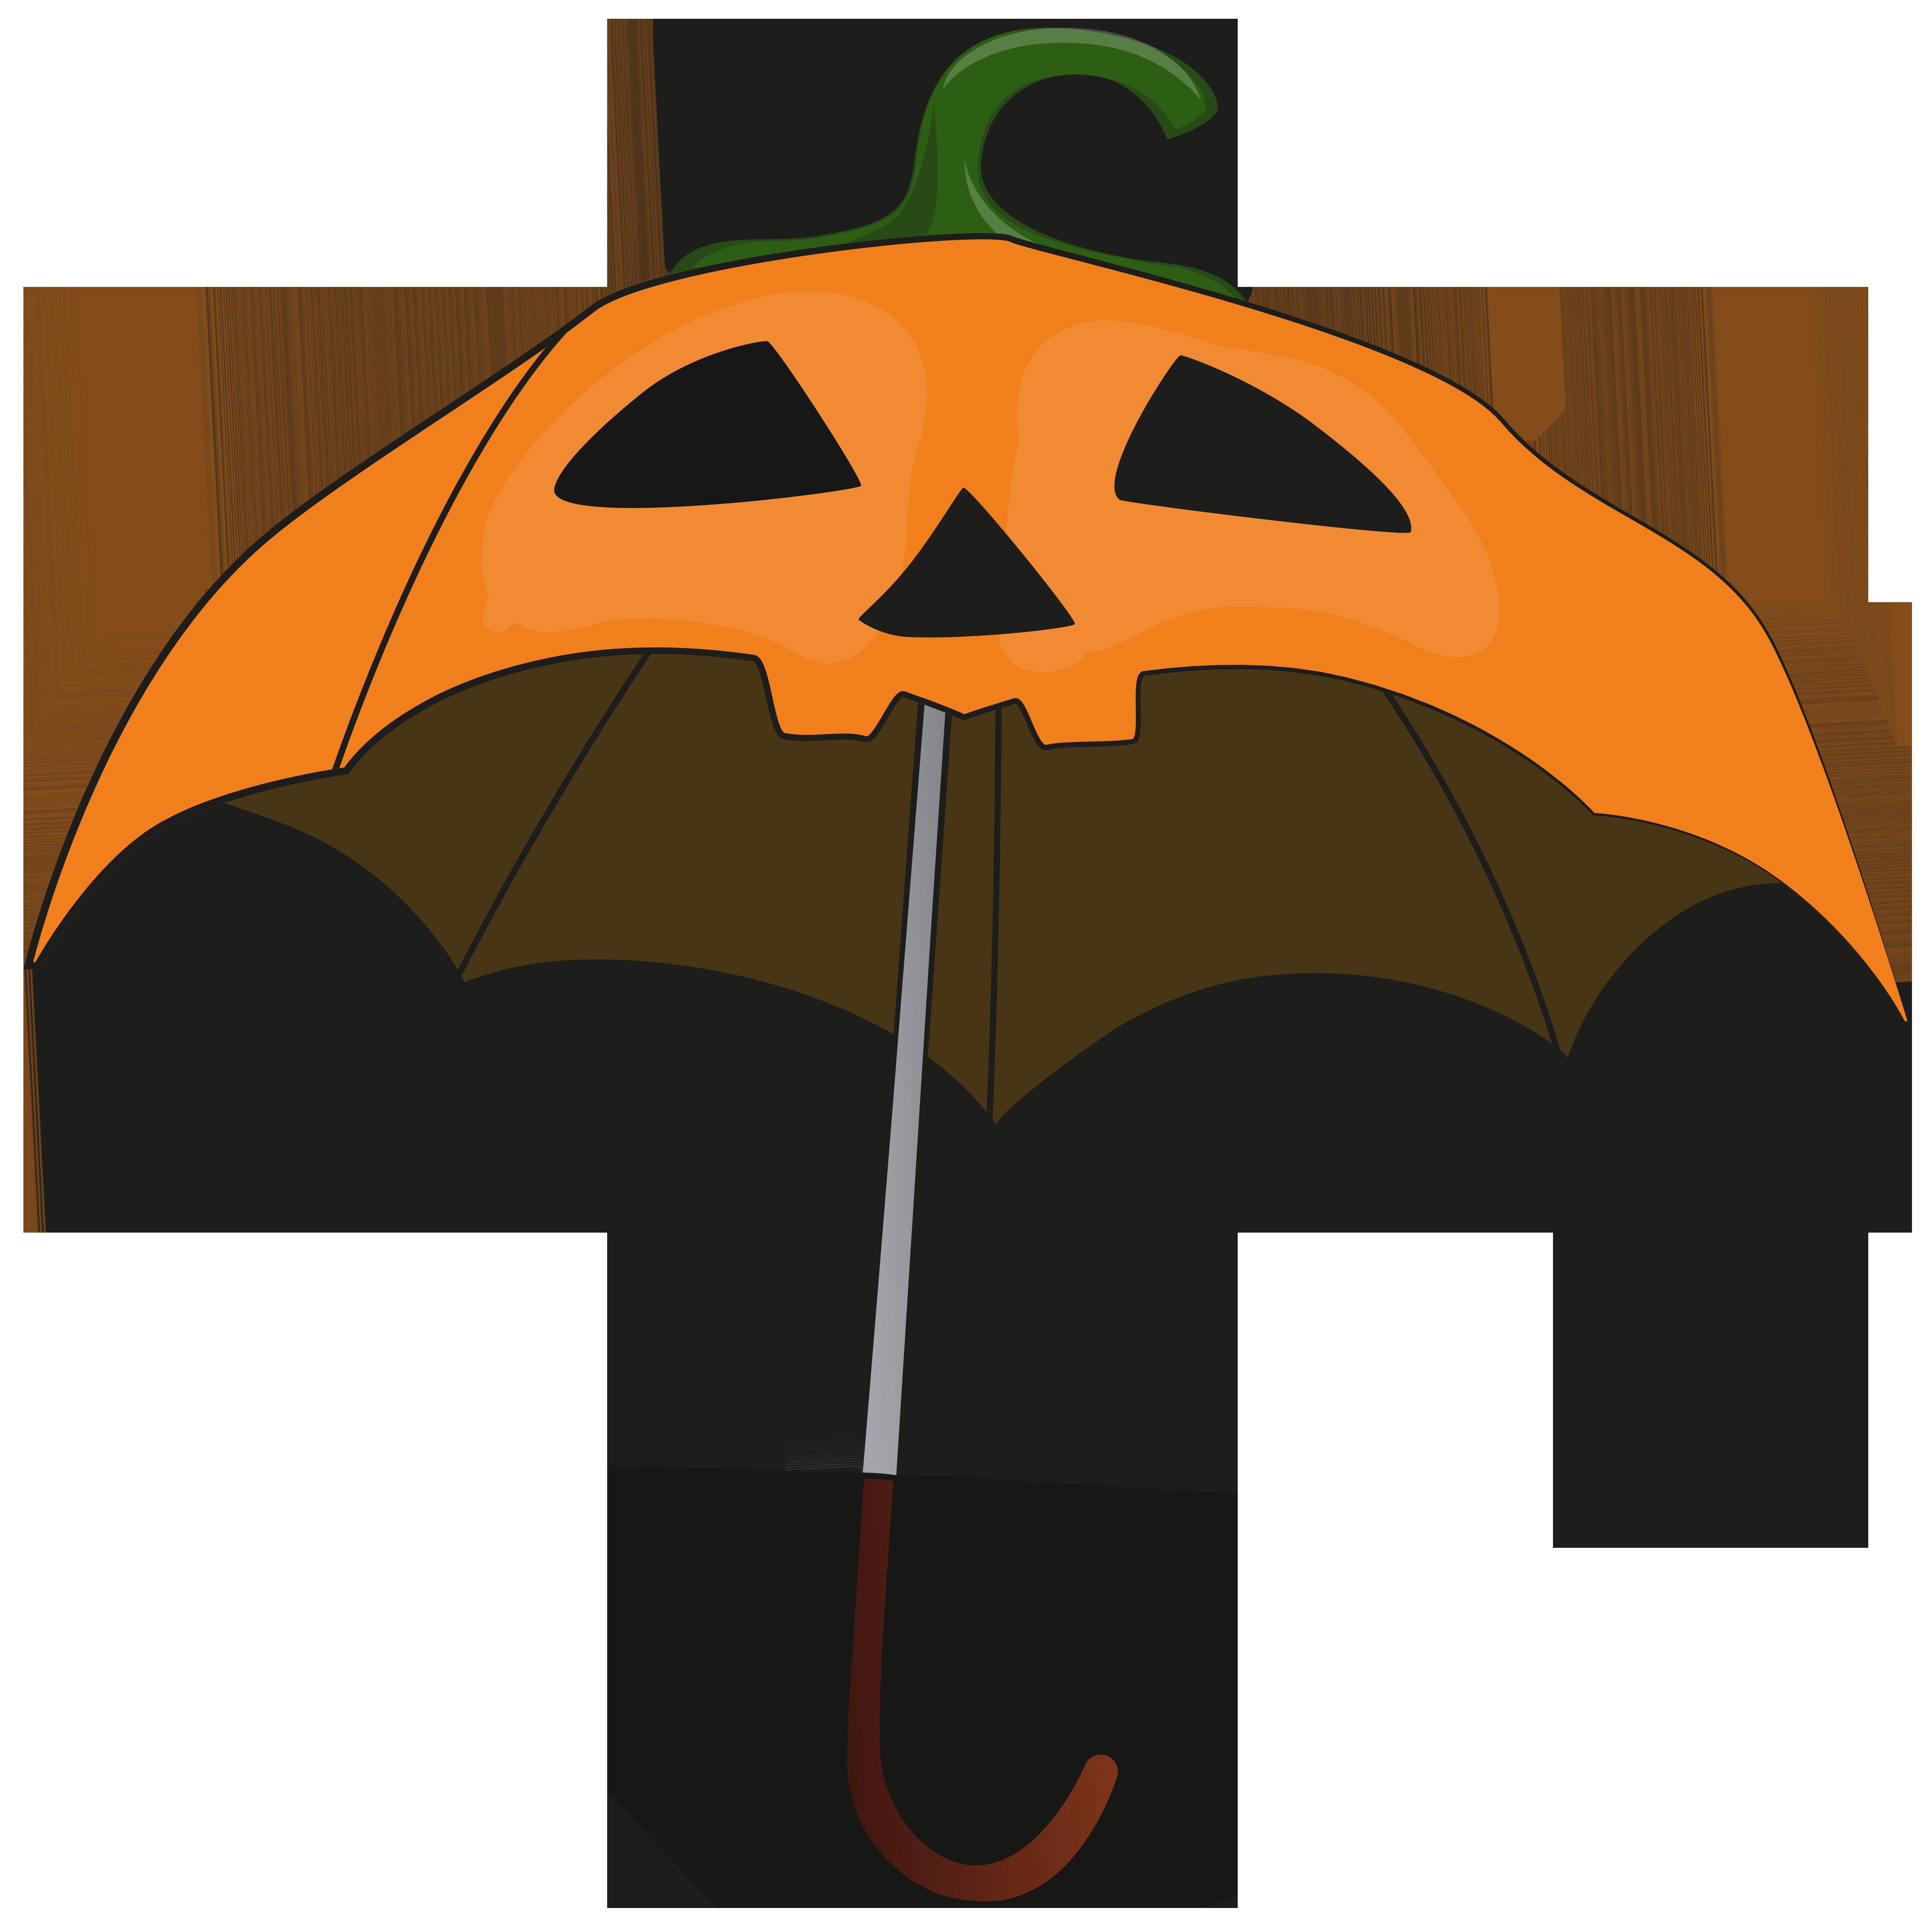 Tree clipart pumpkin. Halloween umbrella png clip